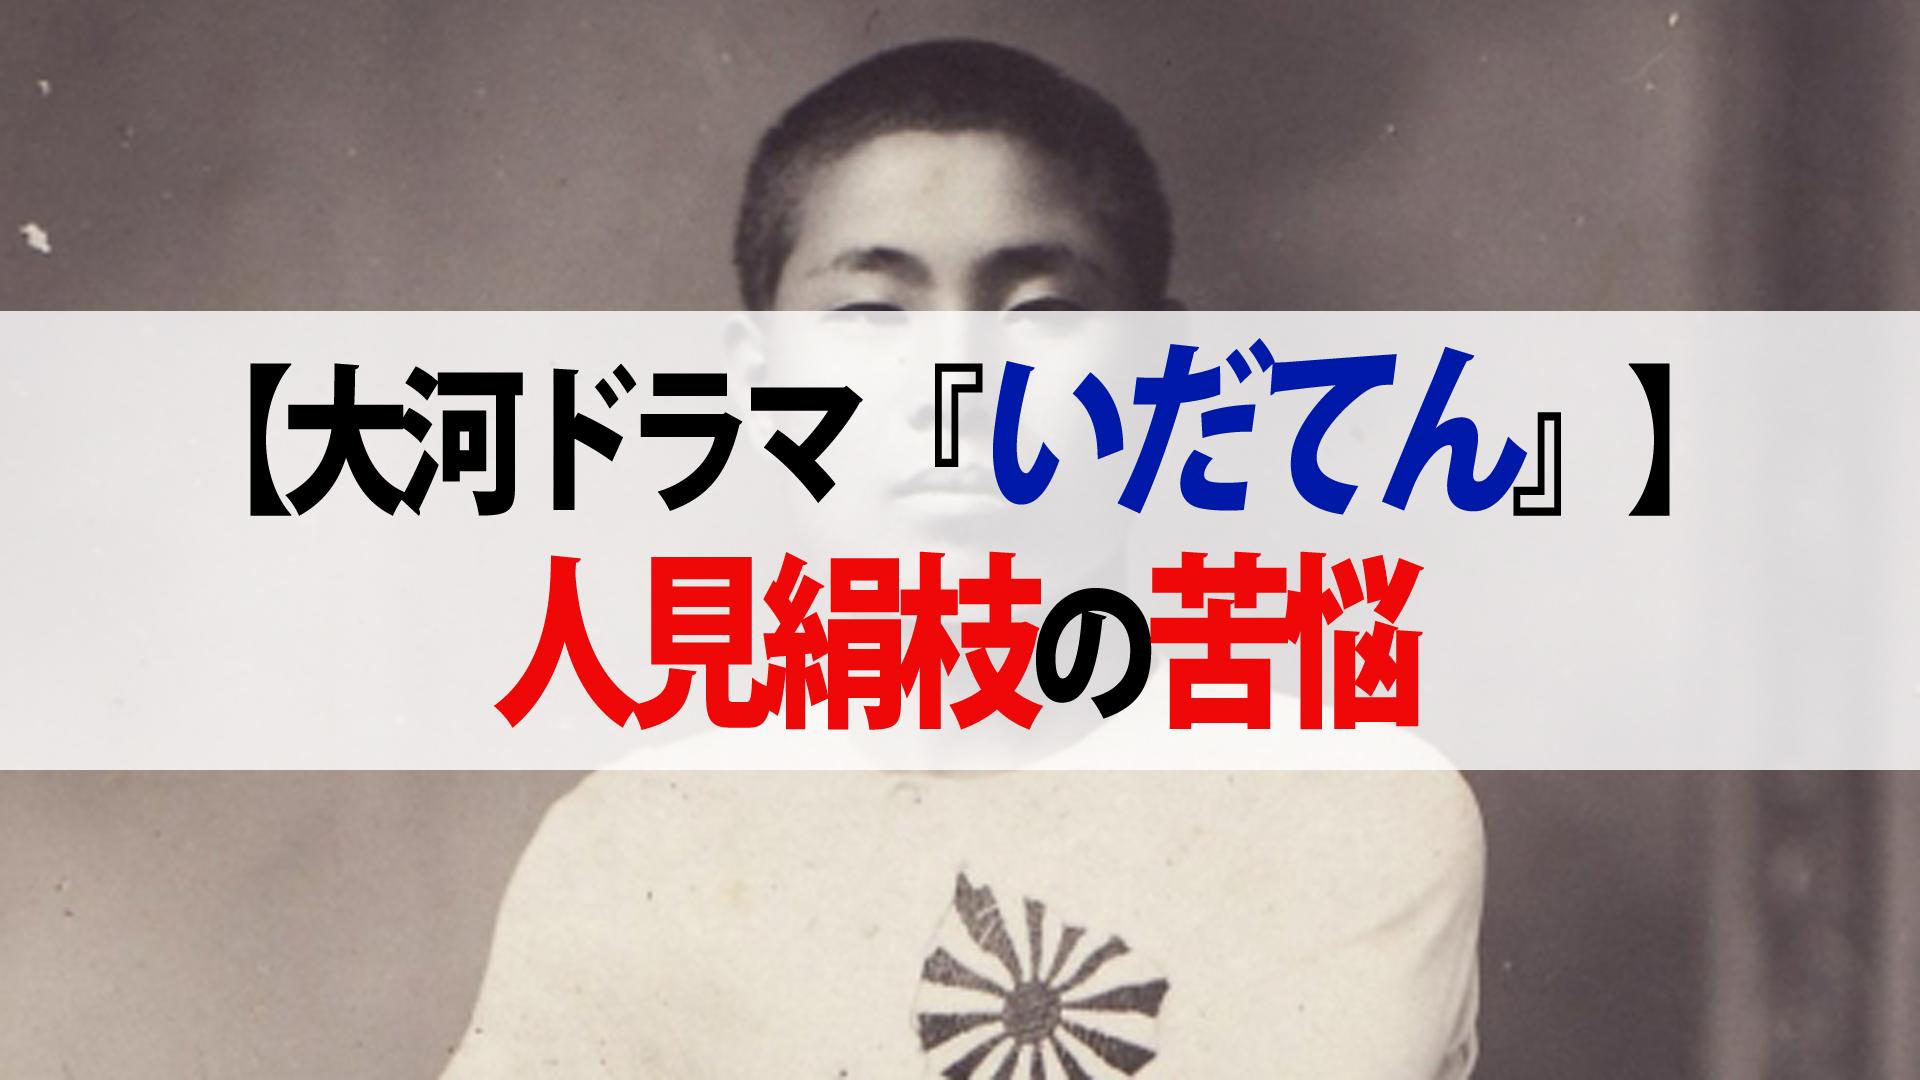 大河ドラマ『いだてん』第22回『ヴィーナスの誕生』